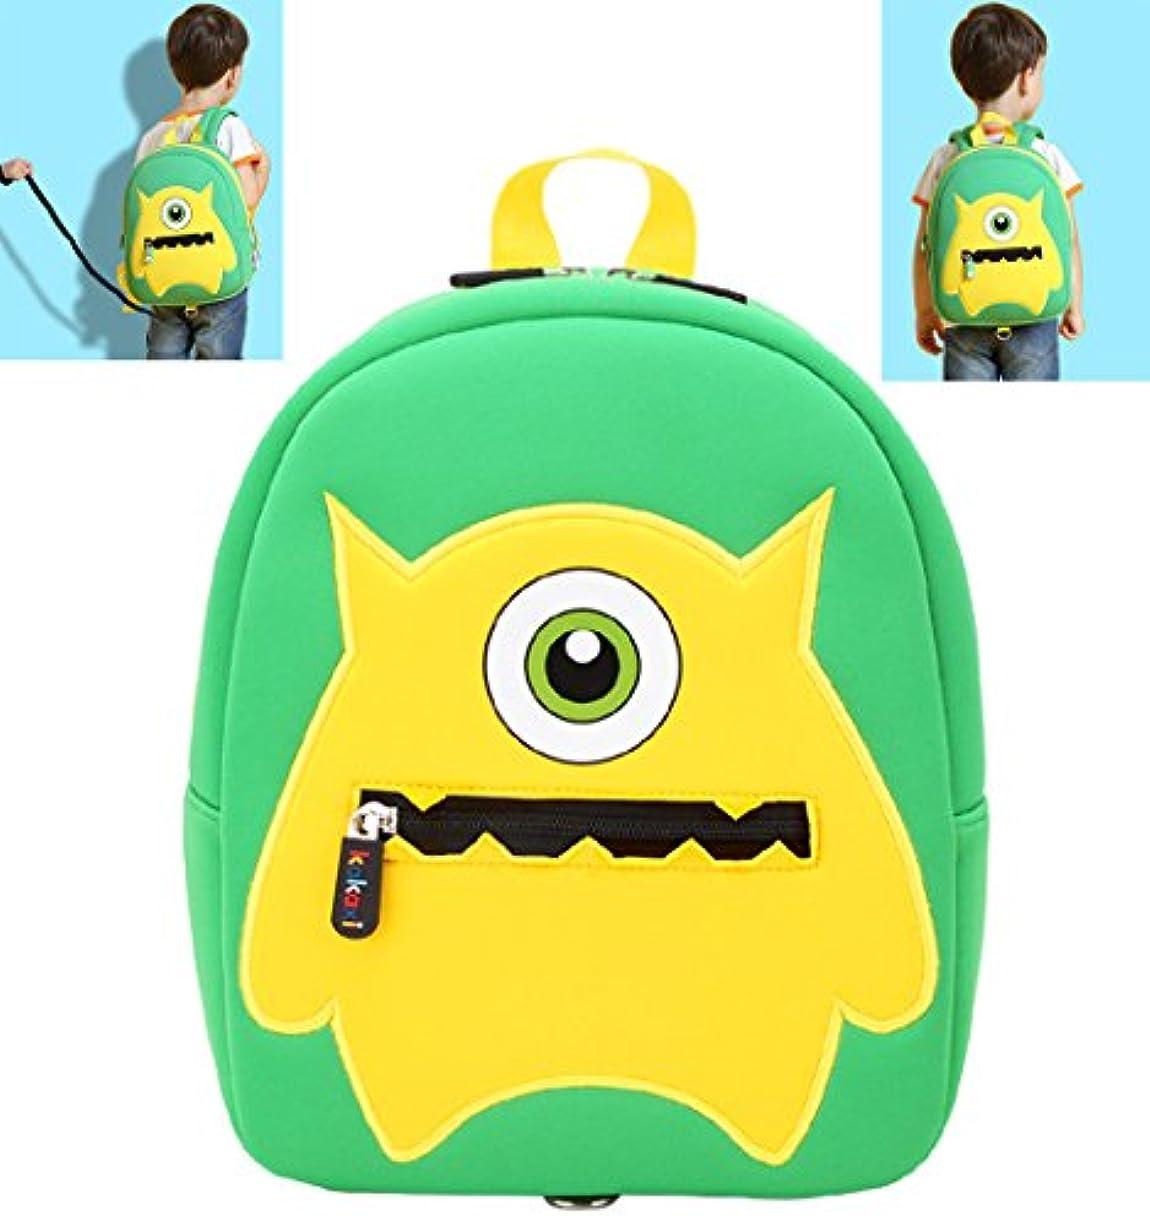 俳句良いライラックキッズ子供かわいい漫画動物のスクールバッグワンターモンスター幼児のバックパックグリーン